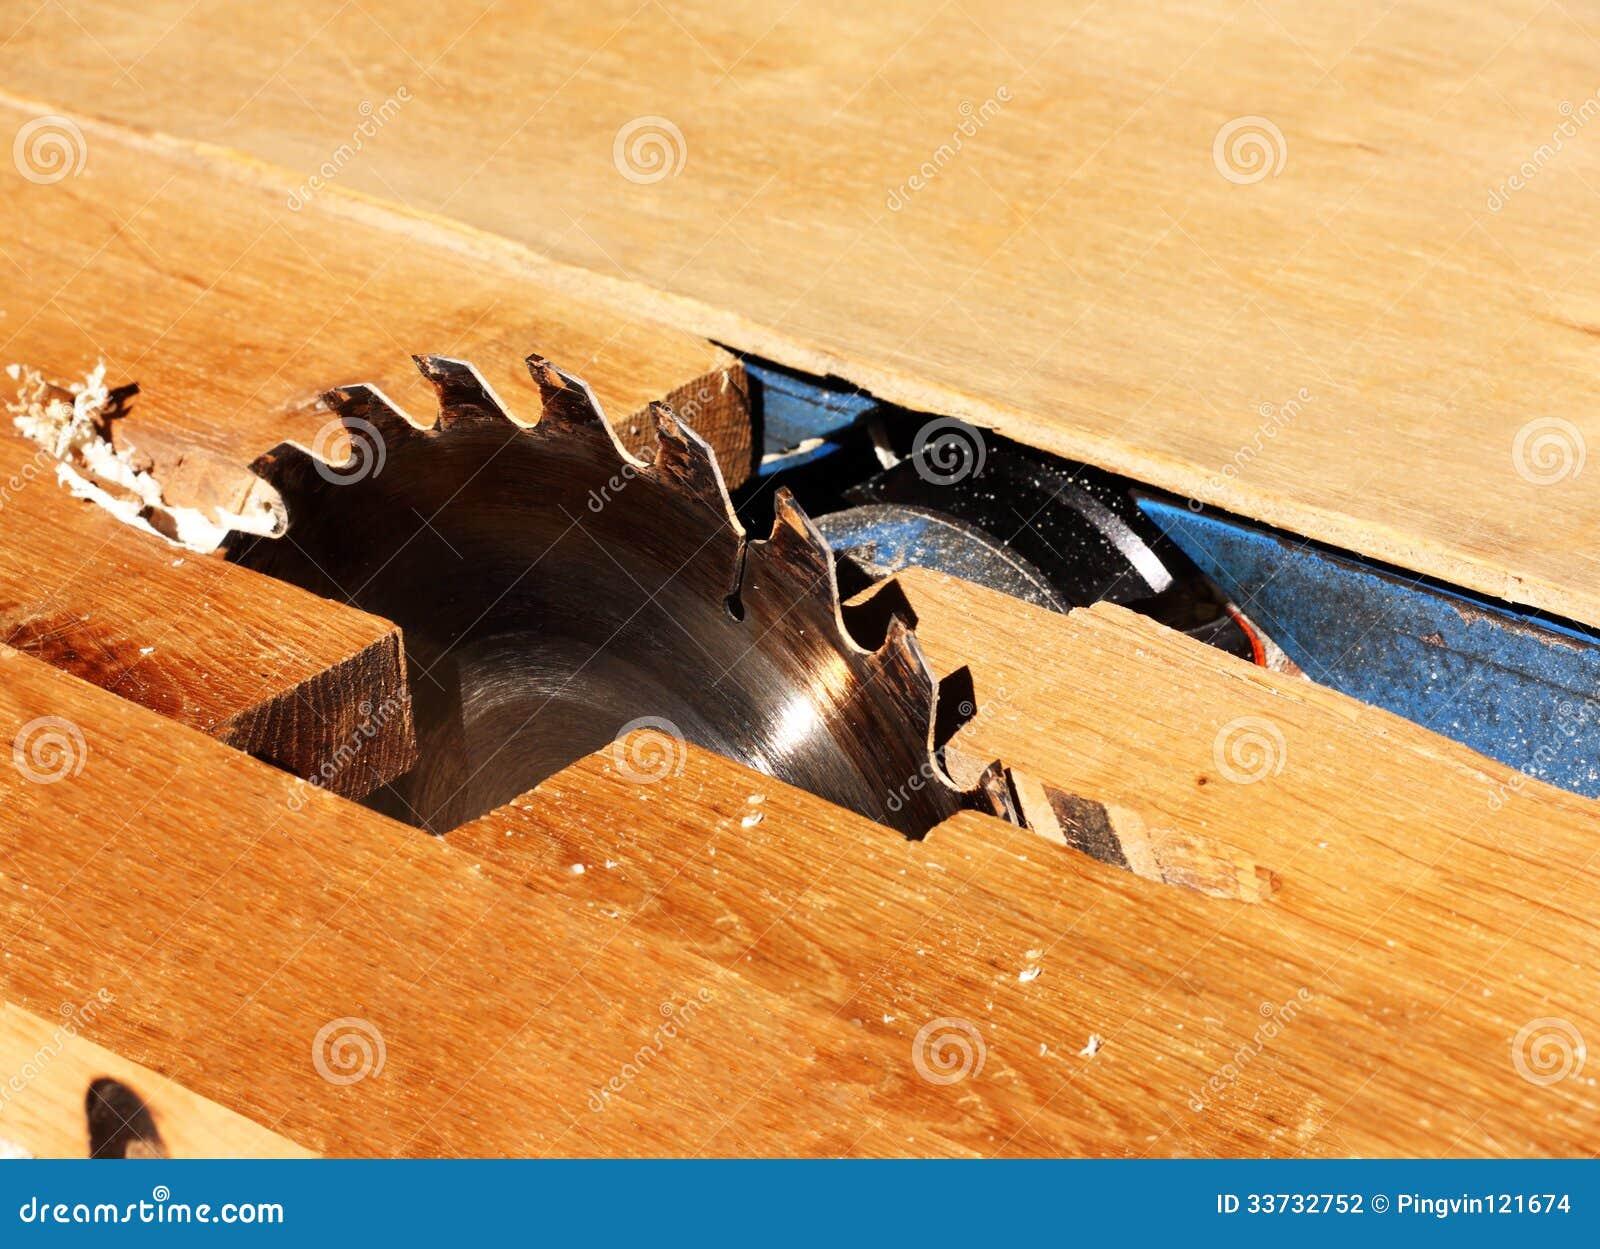 Машина sawing для обработки древесины